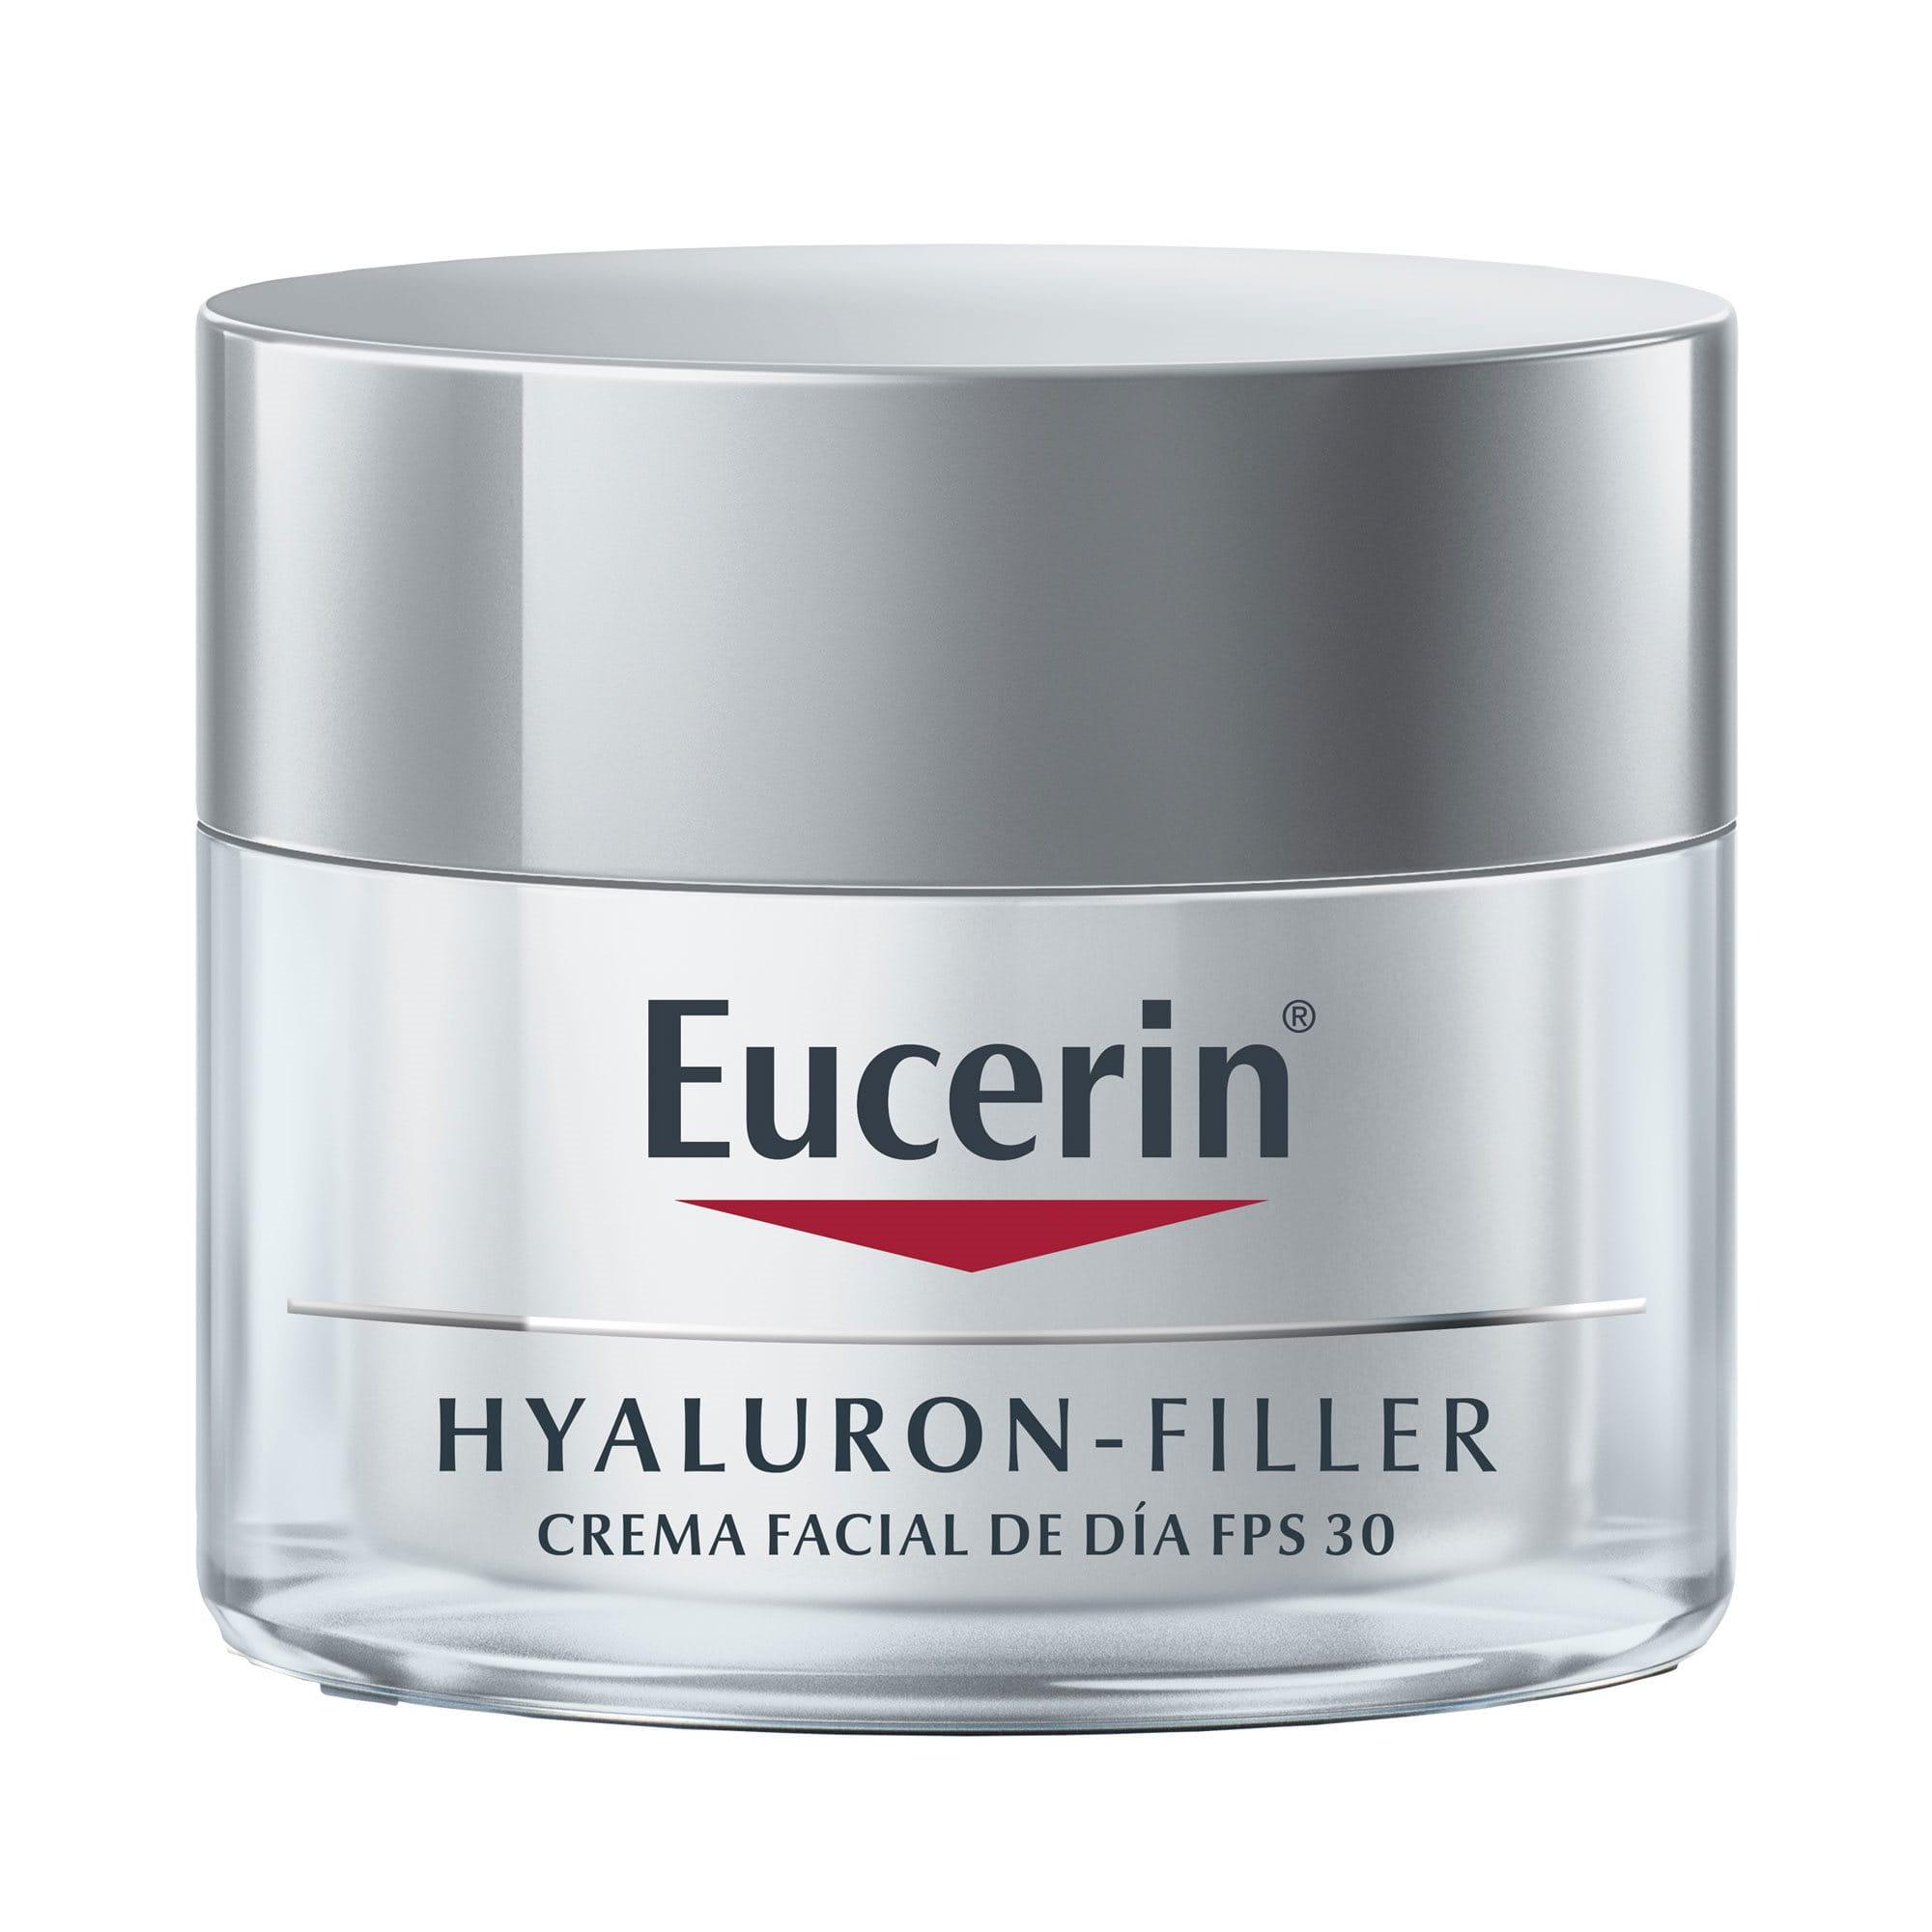 89769-EUCERIN-HYALURON-FILLER-SPF30-50ML_packshot